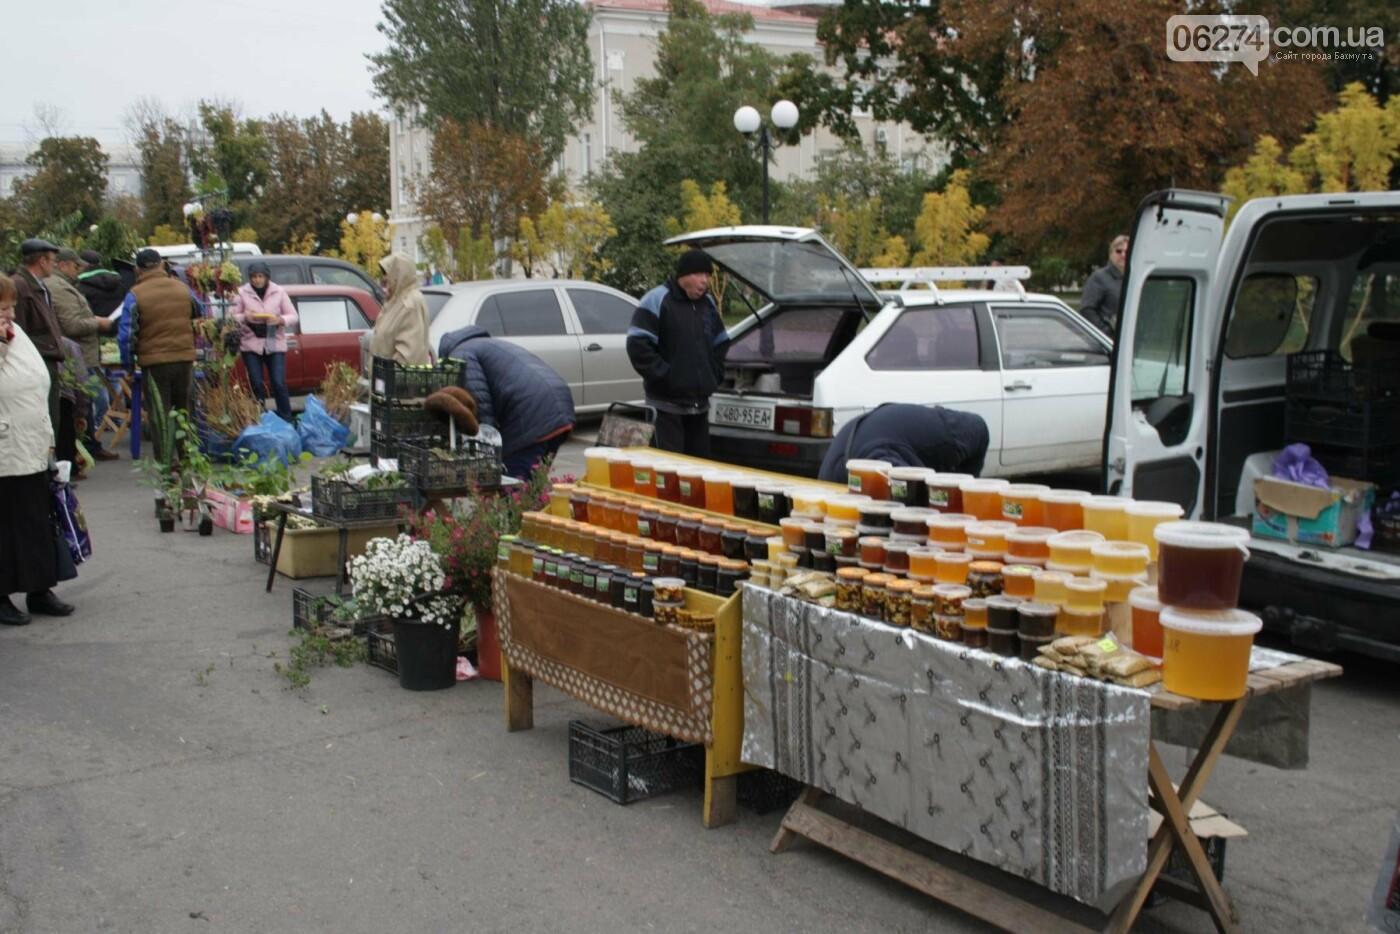 В Бахмуте открылась ярмарка «День садовода», фото-7